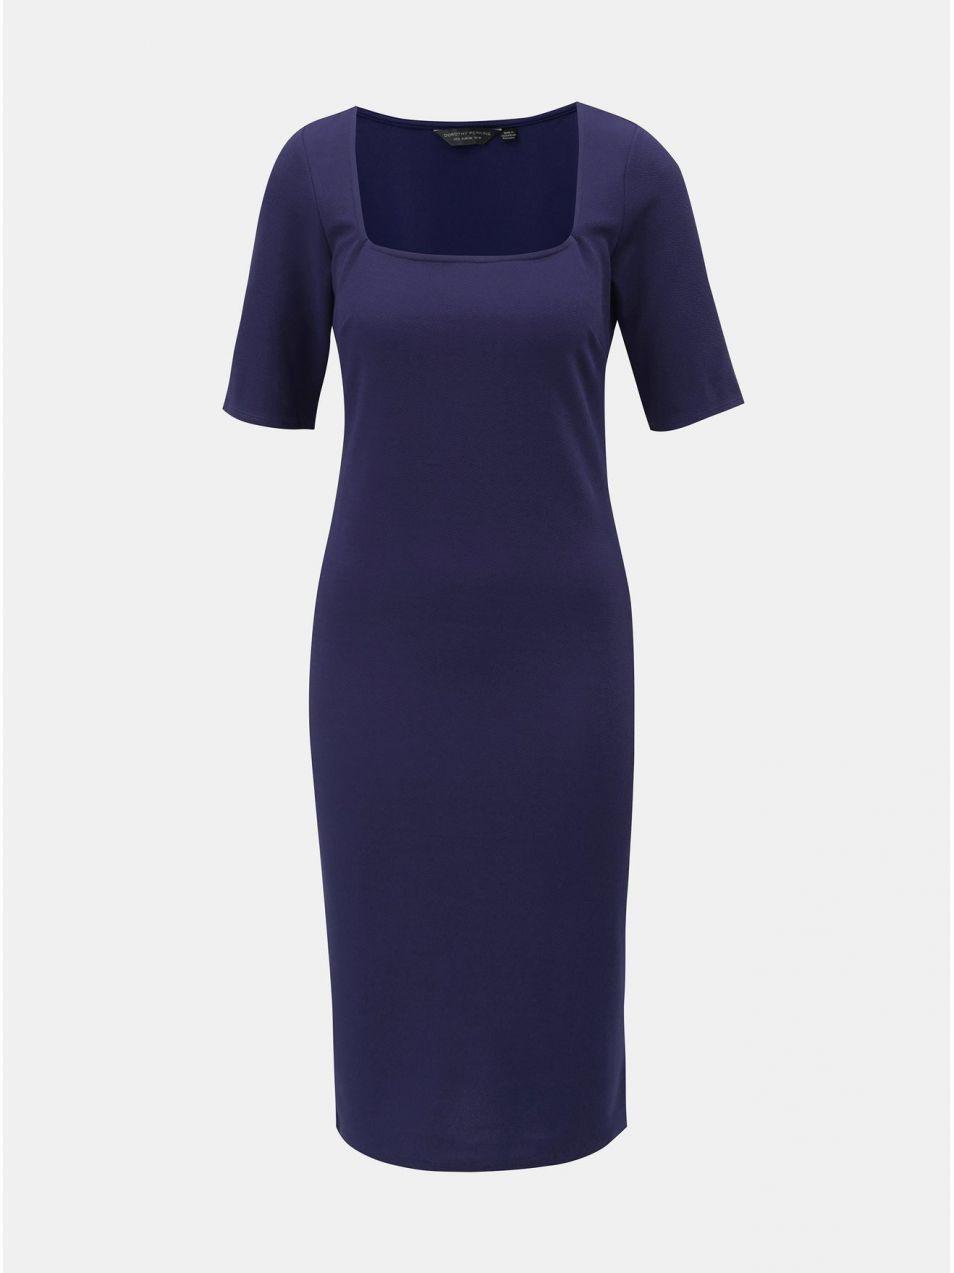 188382897d63 Modré puzdrové šaty s krátkym rukávom Dorothy Perkins Tall značky ...